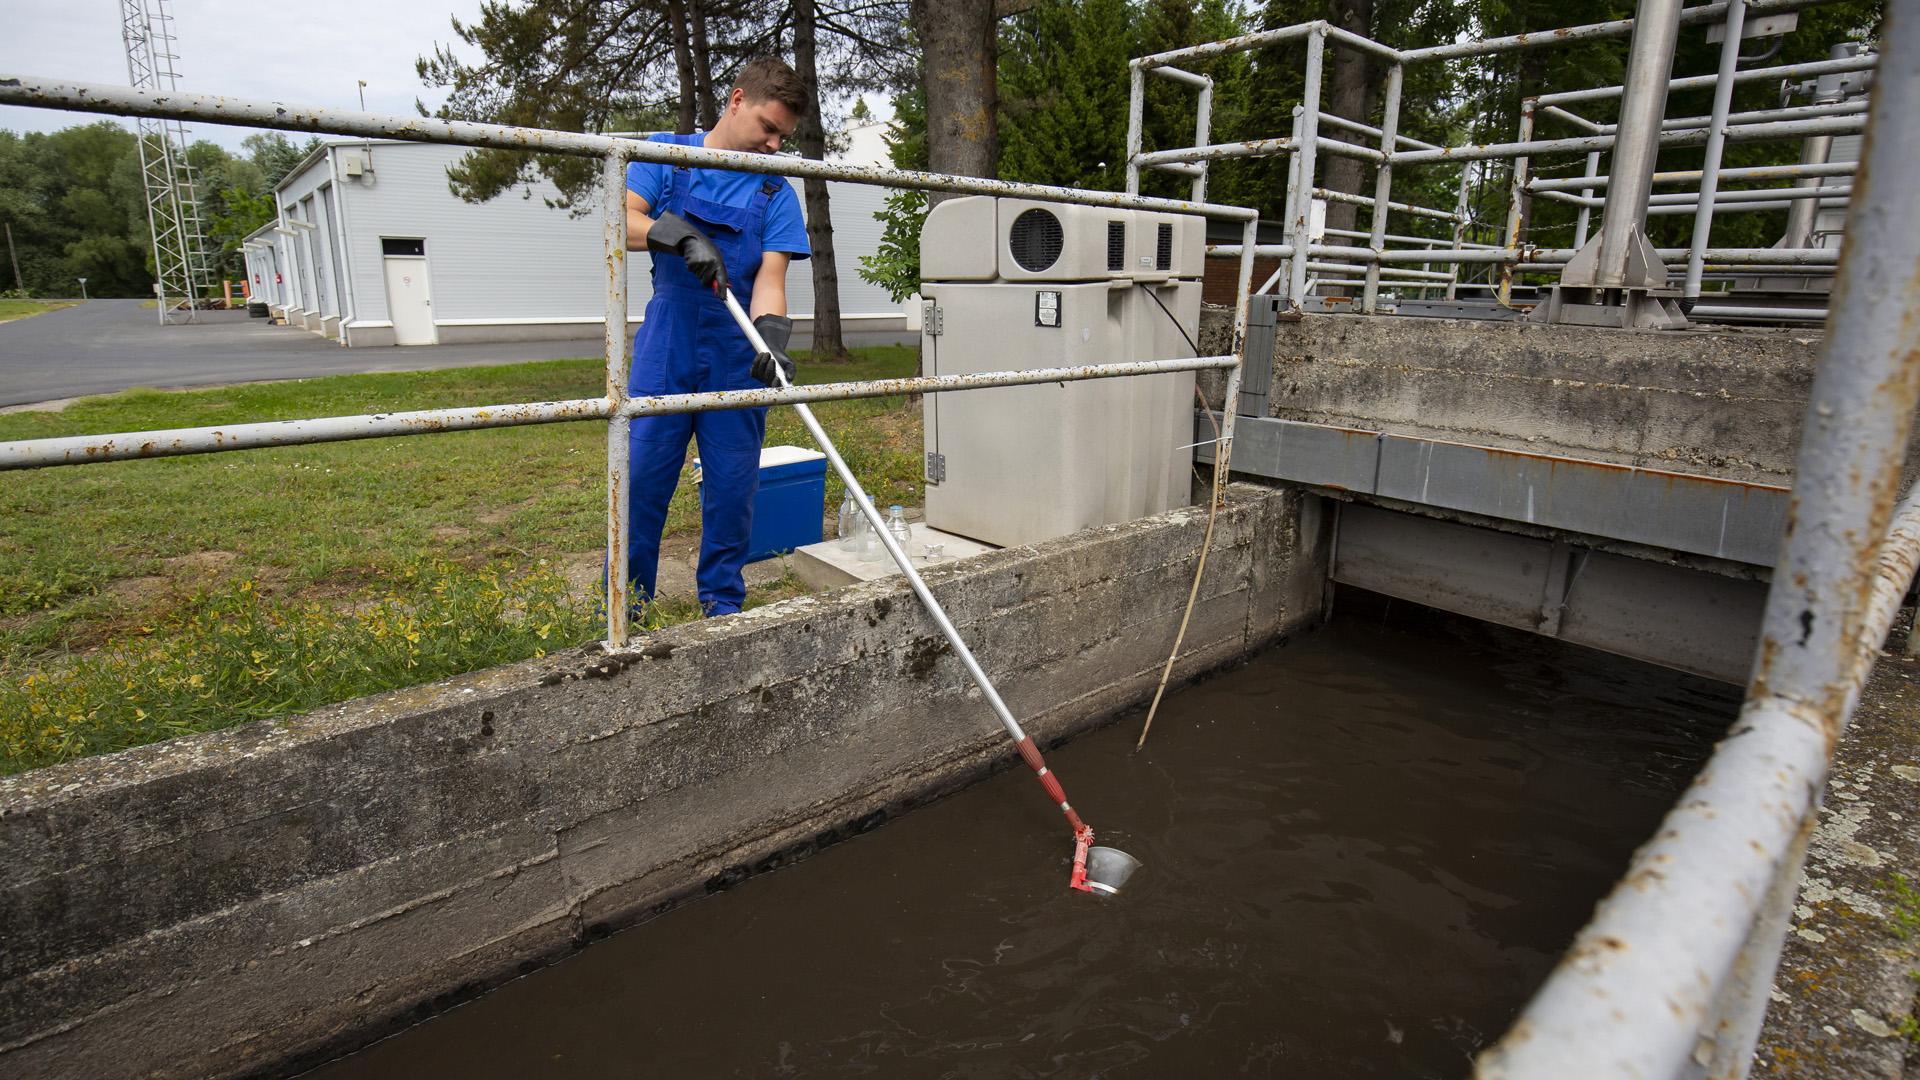 Koronavírusteszt a szennyvízből